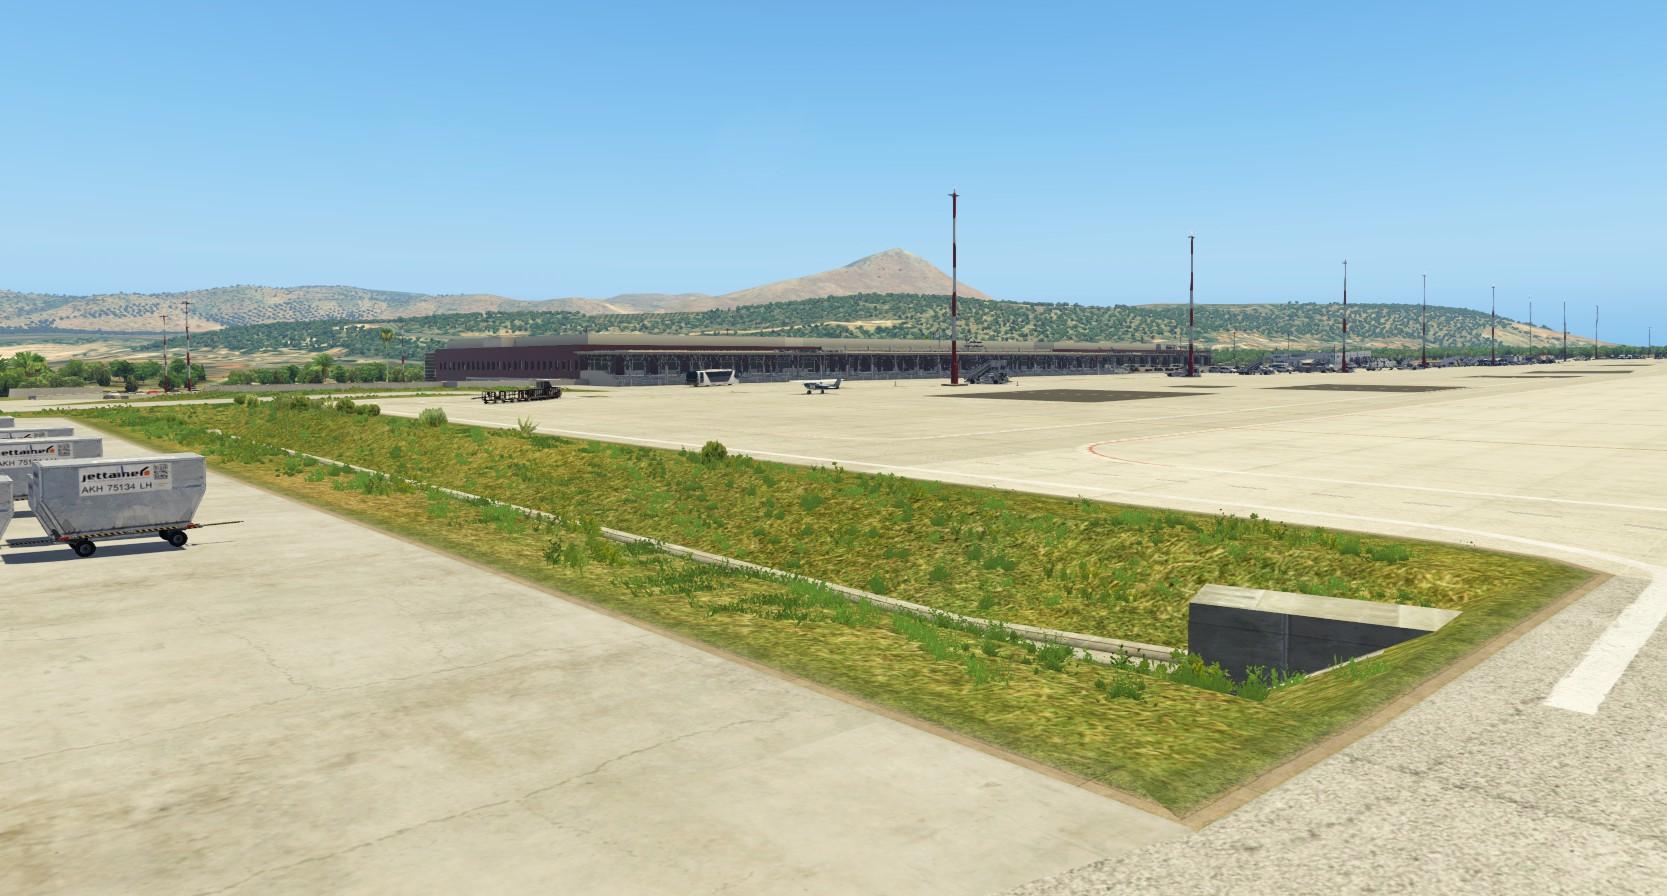 Justsim Chania Airport X Plane 11 (1)